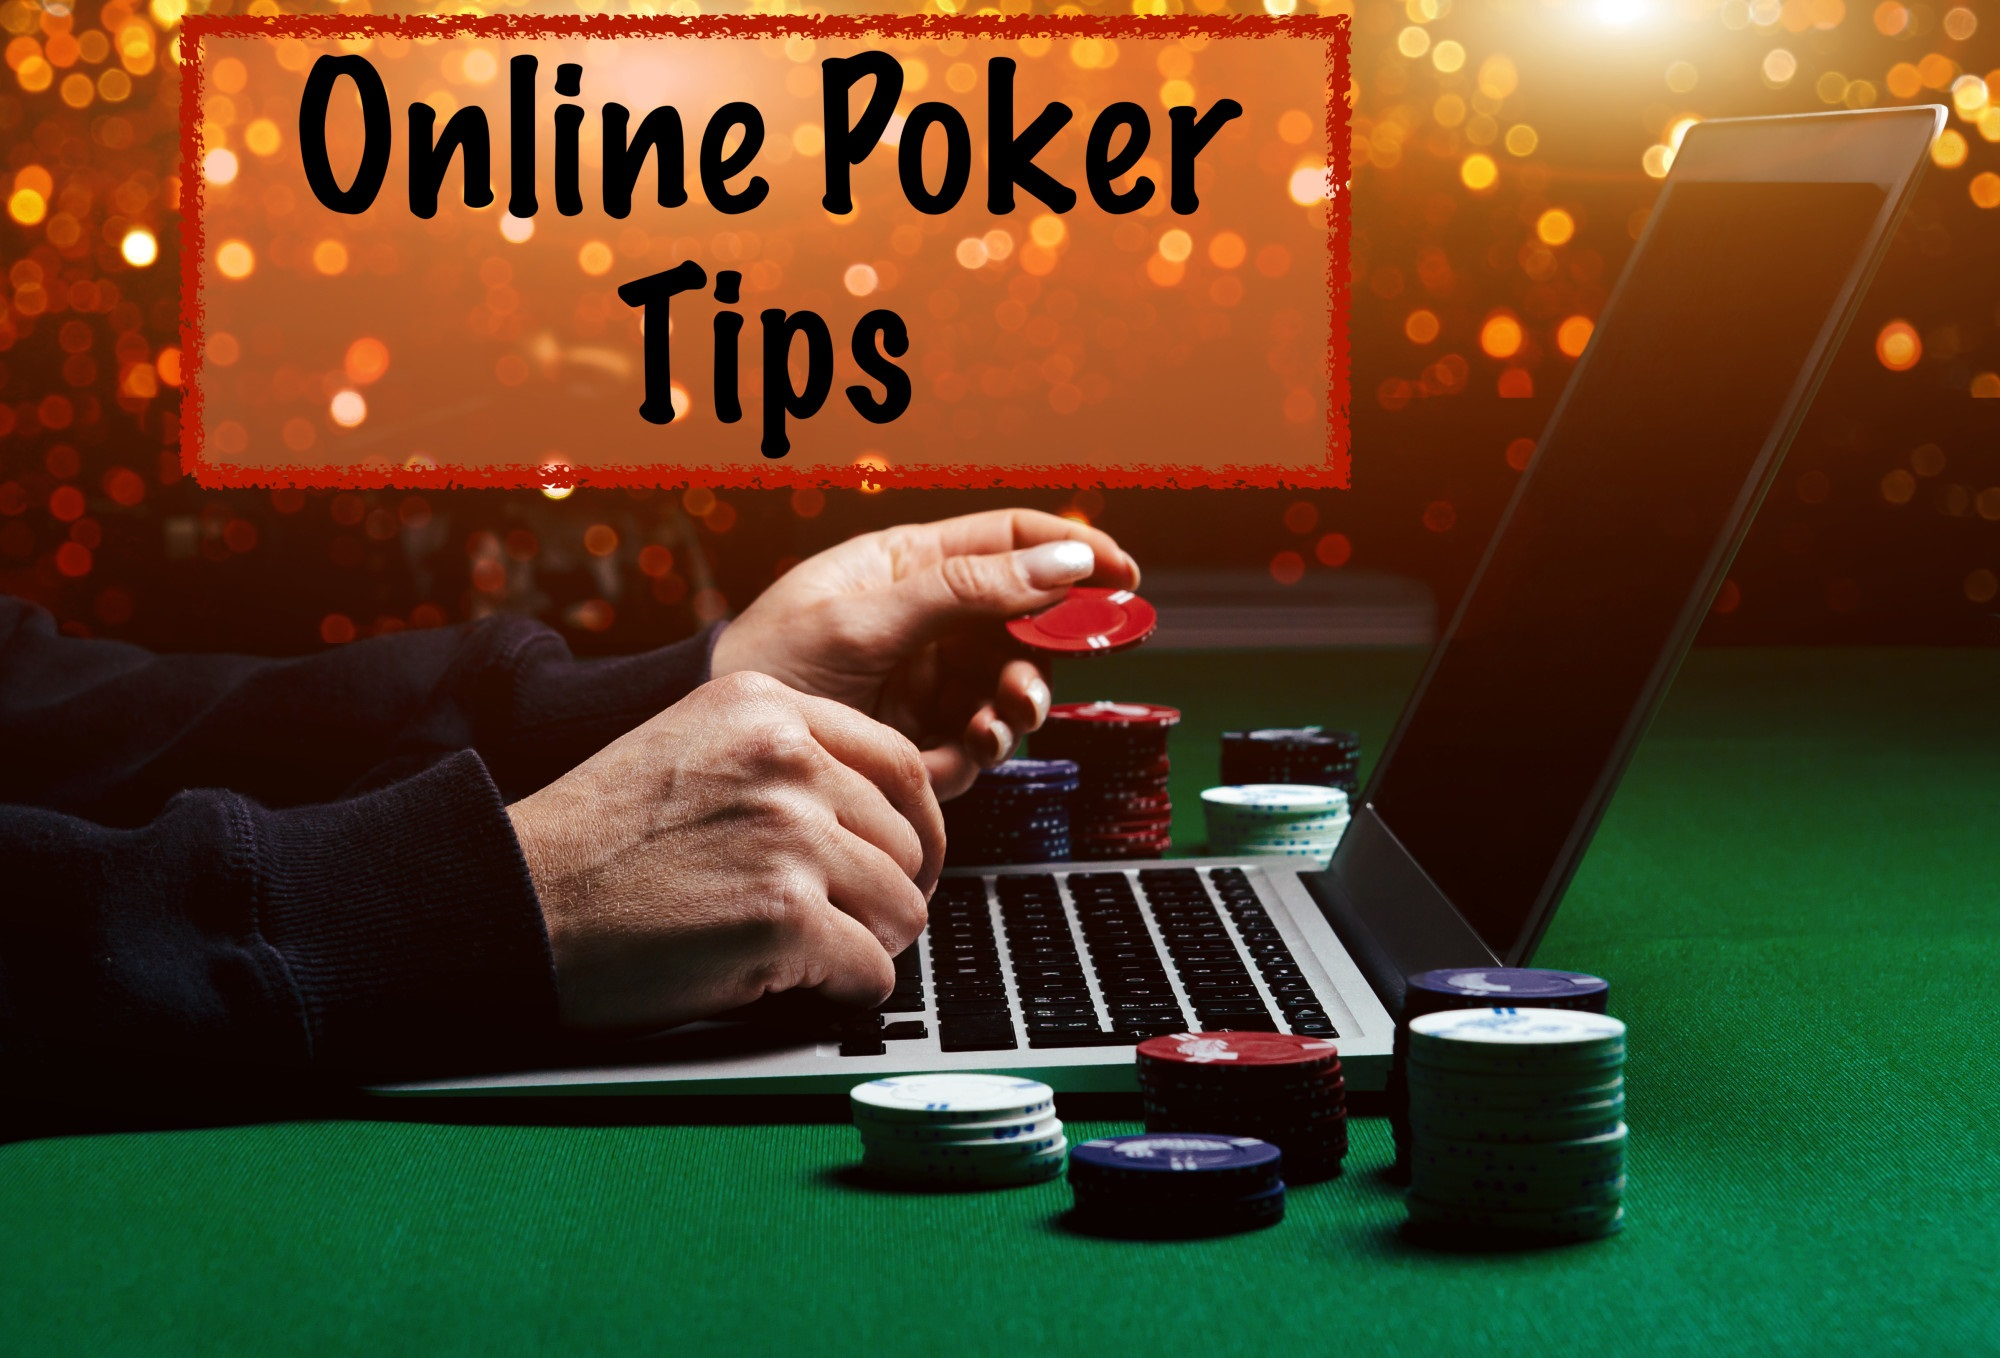 Easy Online Poker Tips